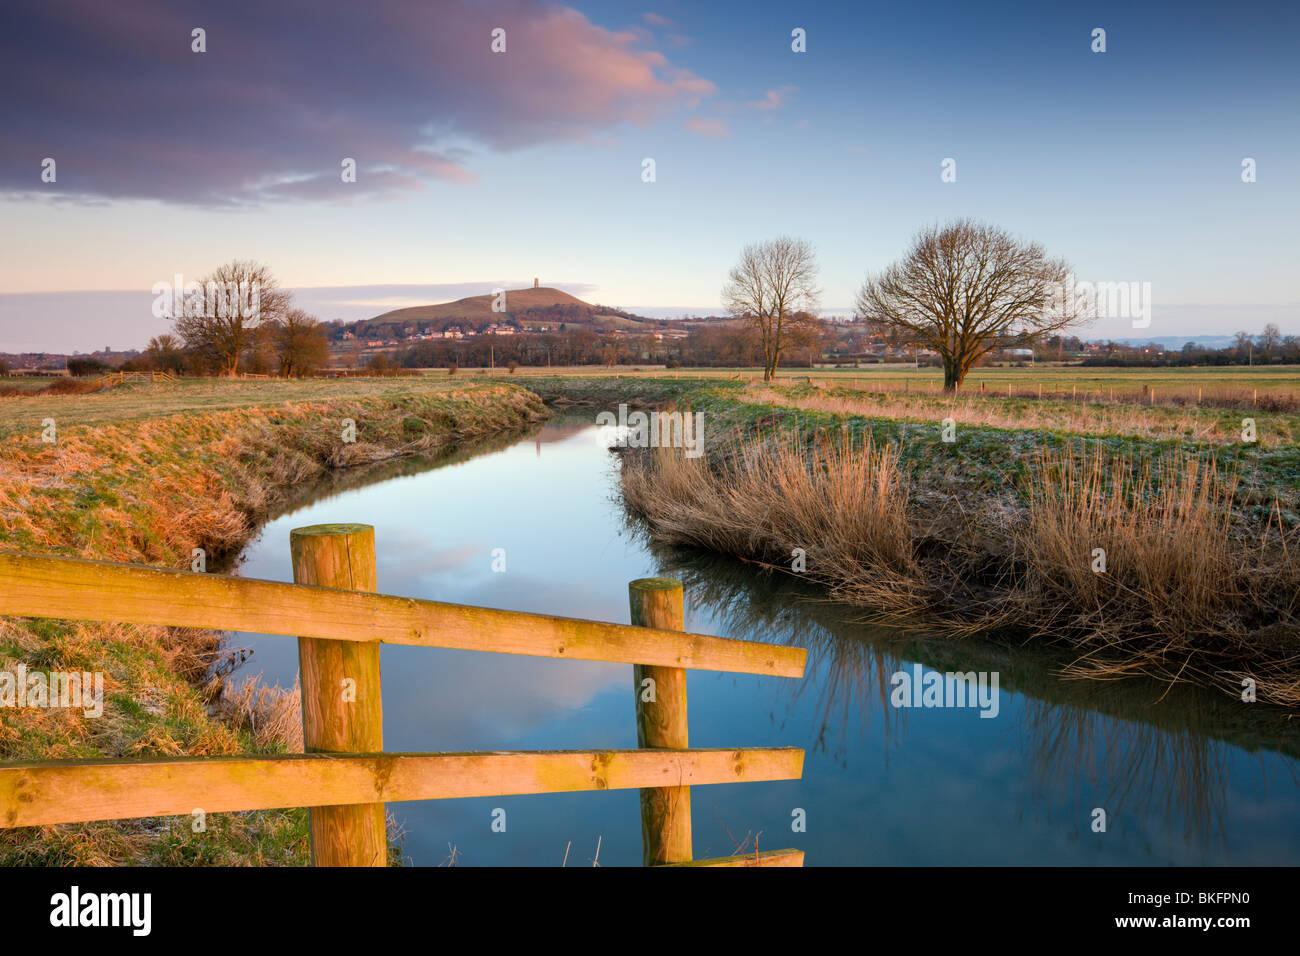 Première lumière de matin sur Glastonbury Tor vu de la rivière Brue sur Somerset Levels, Glastonbury, Photo Stock